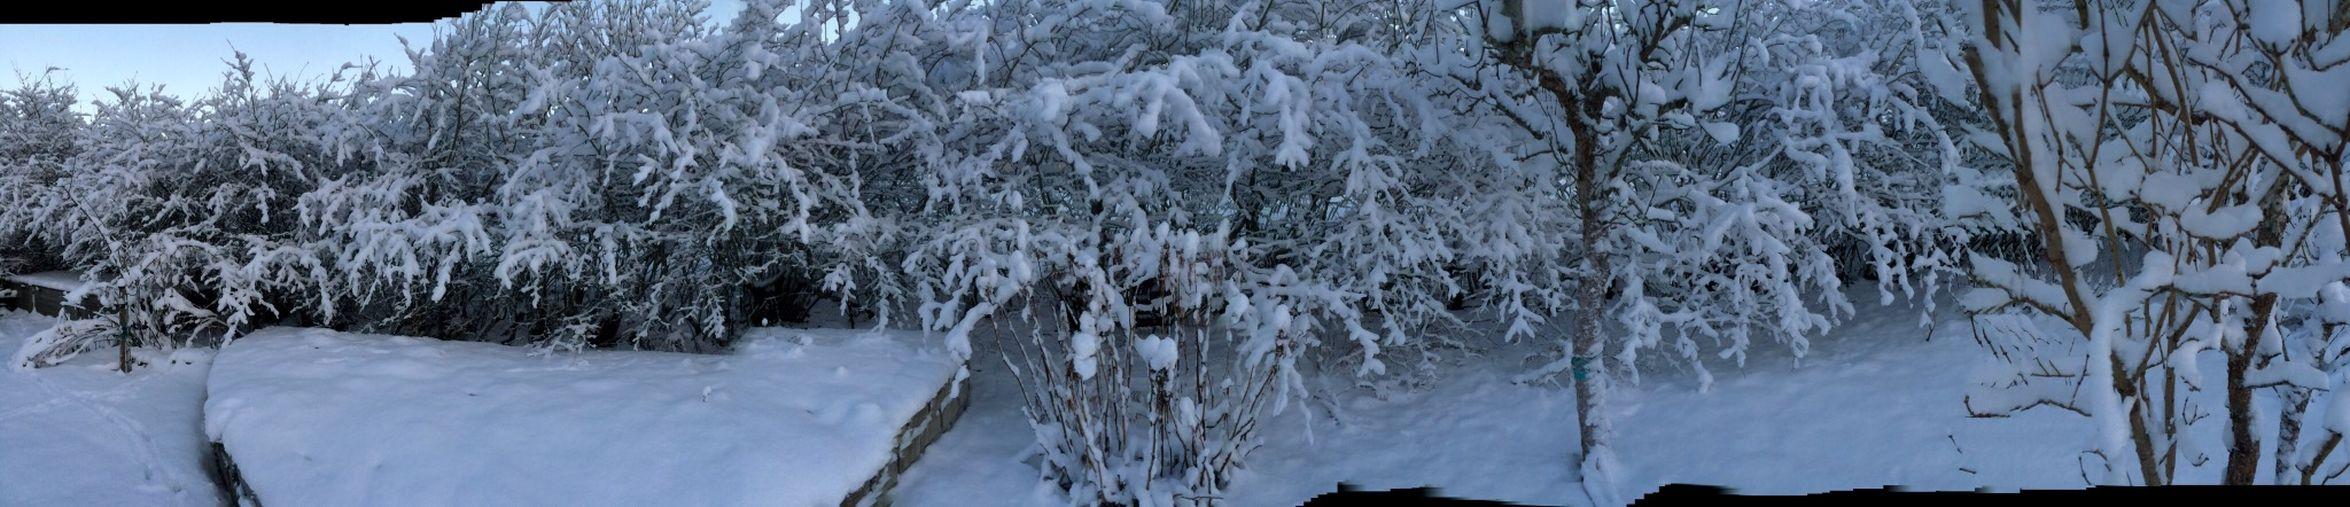 Snow Winter Deepfreeze Panorama